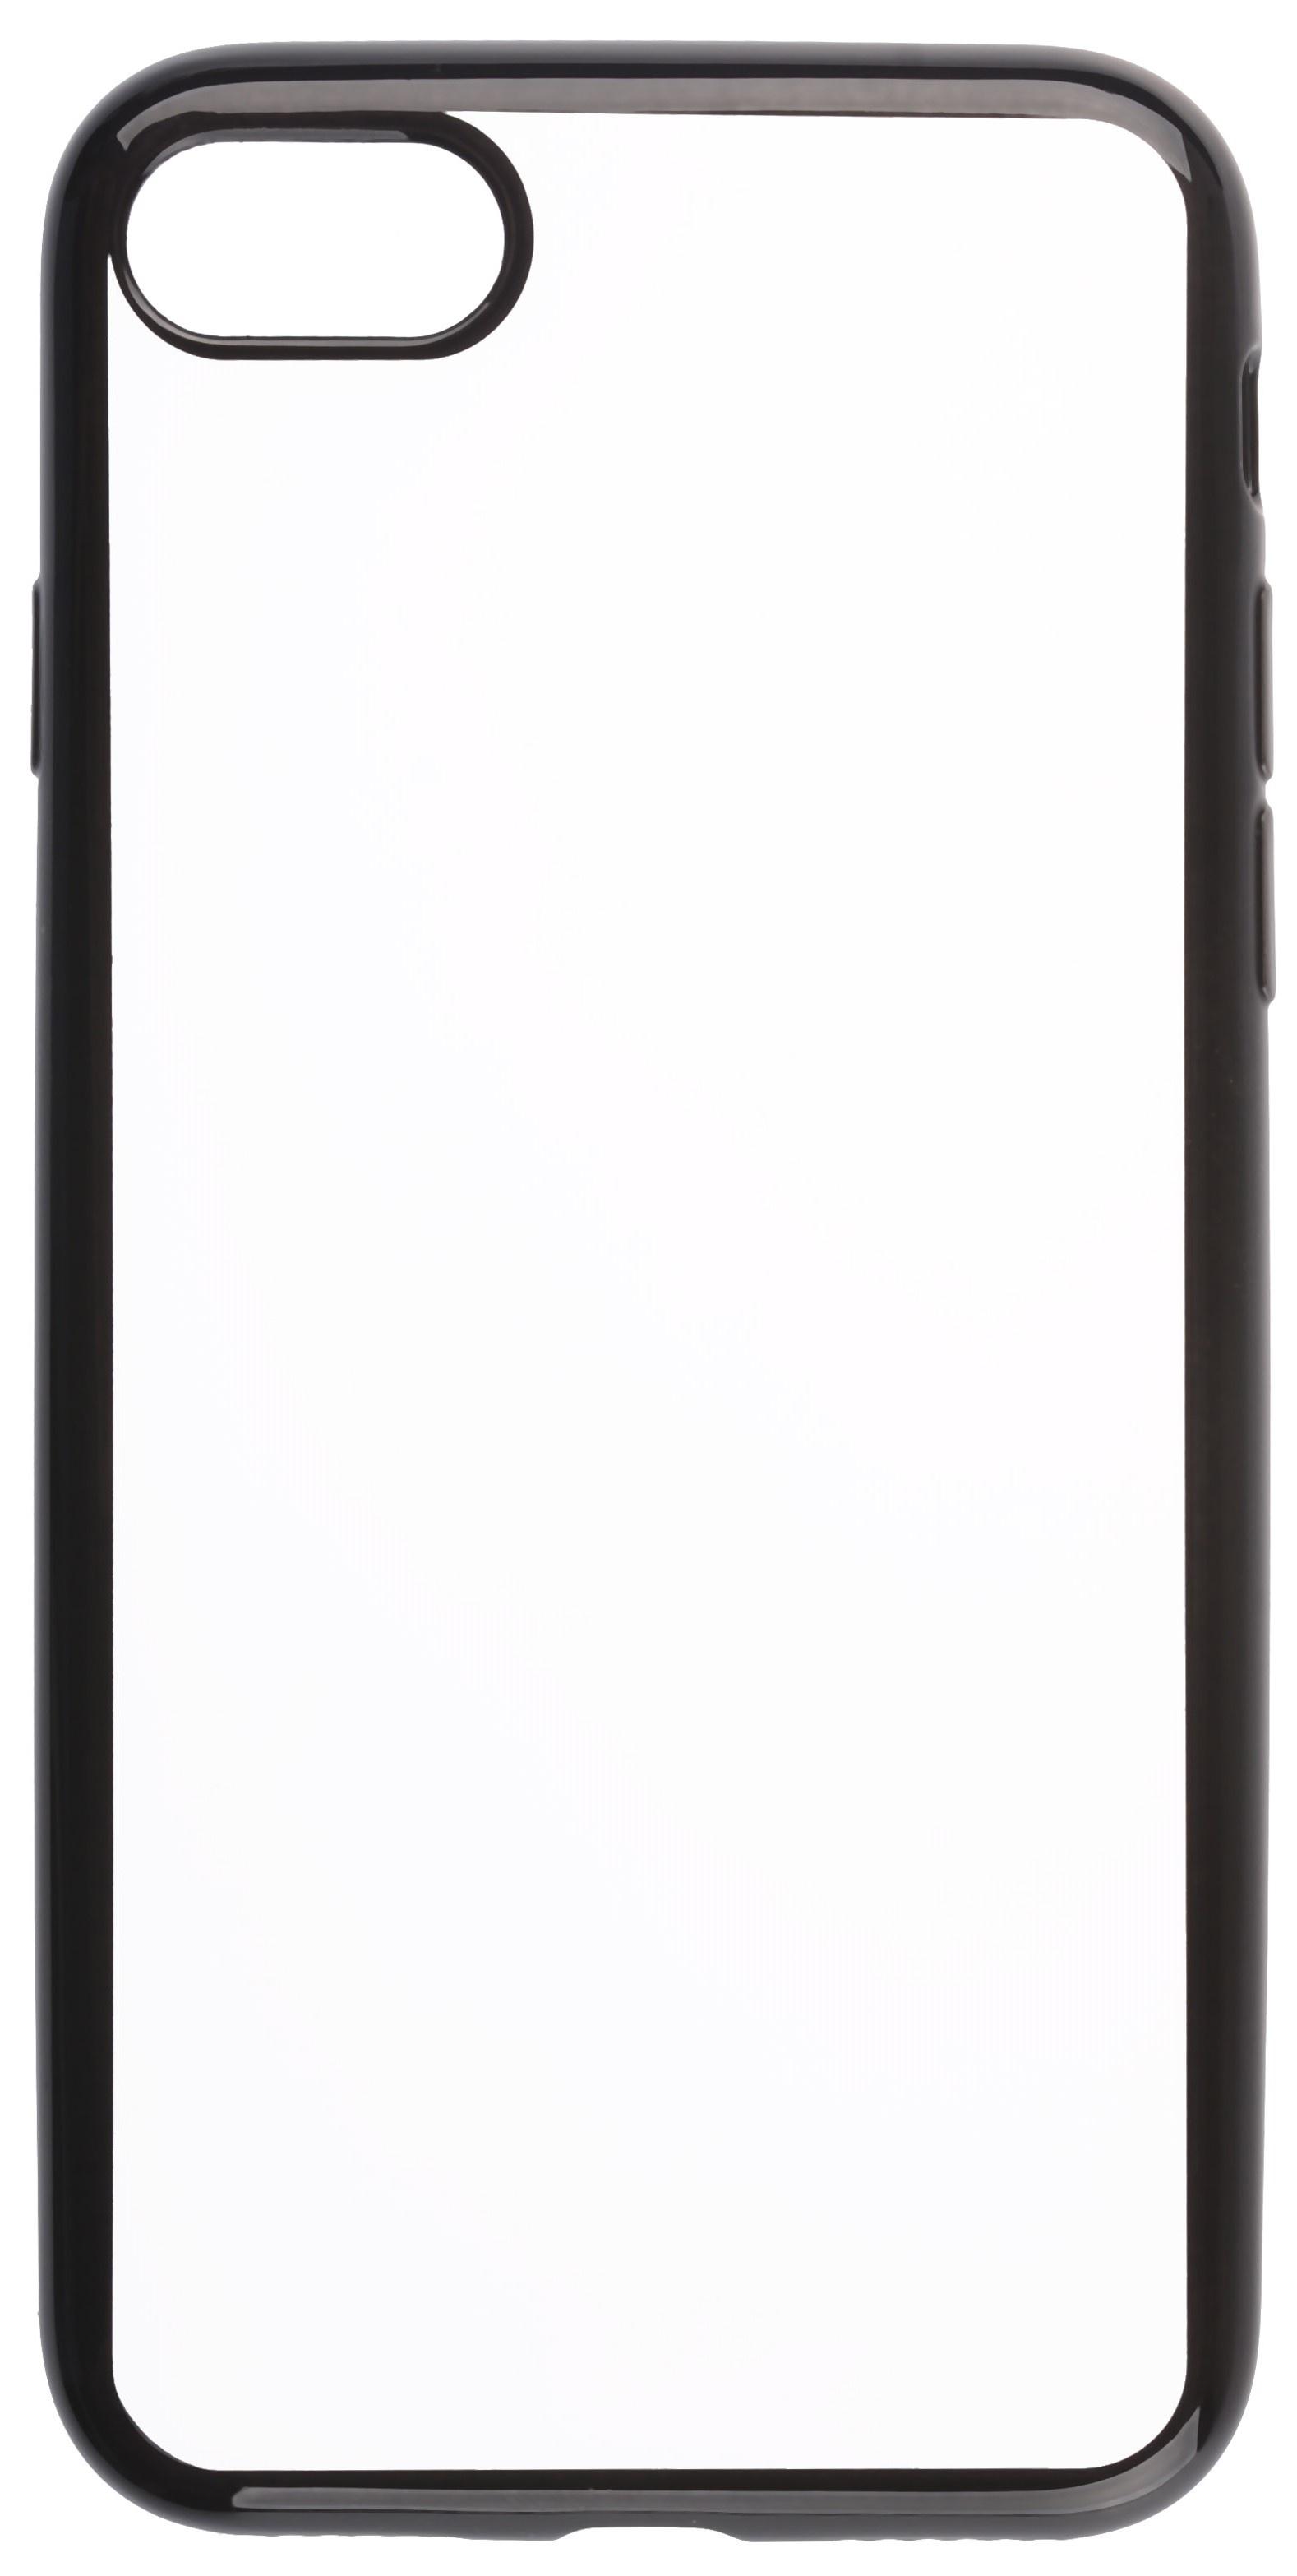 Чехол для сотового телефона skinBOX Silicone chrome border, 4630042529458, черный цена и фото